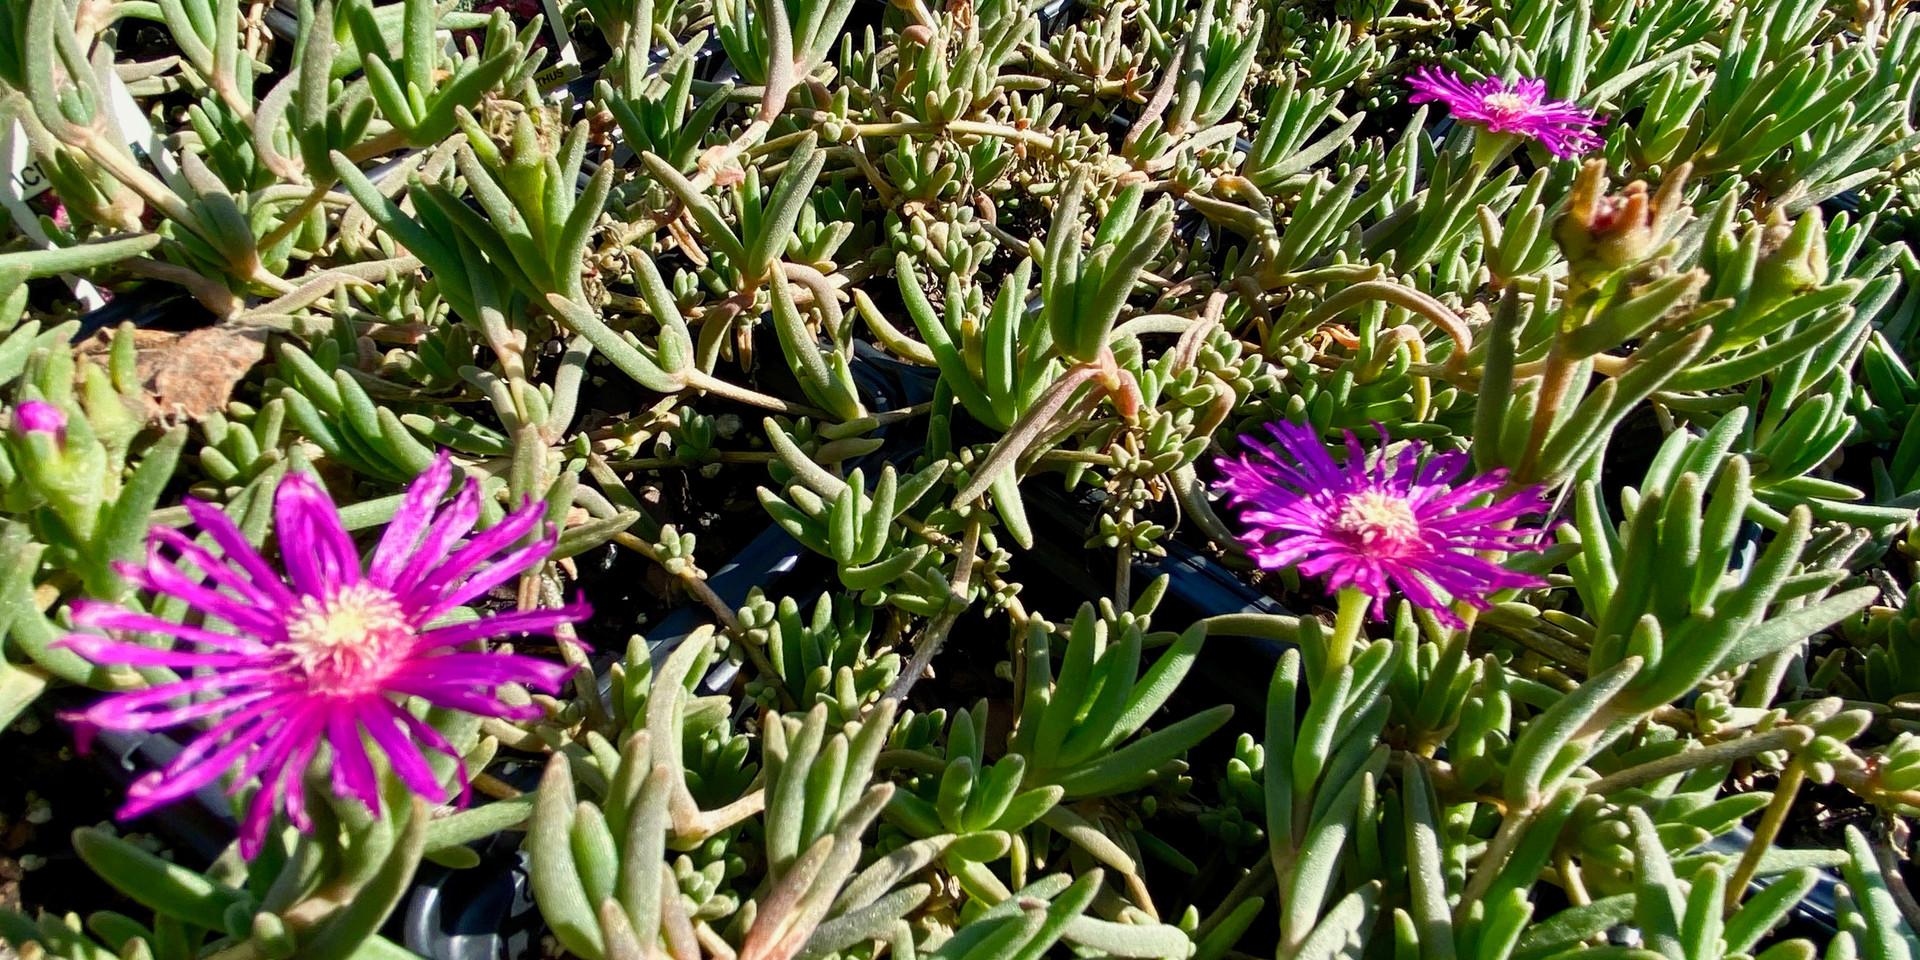 iceplant - several colors/varieties!